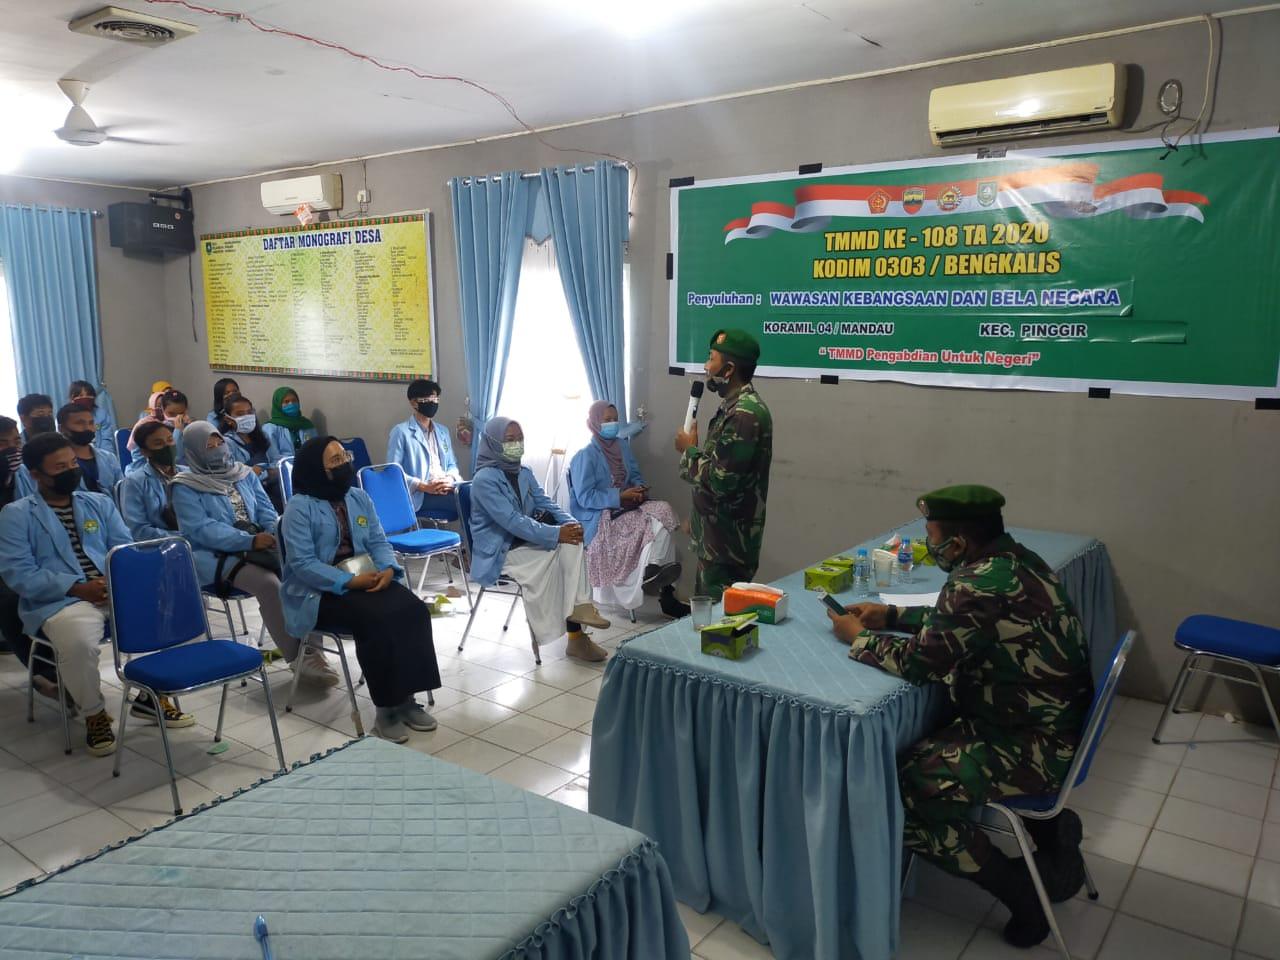 Sosialisasi WASBANG di Desa Muara Basung Dalam rangka TMMD Ke-108 Tahun 2020 Kodim 0303/Bengkalis